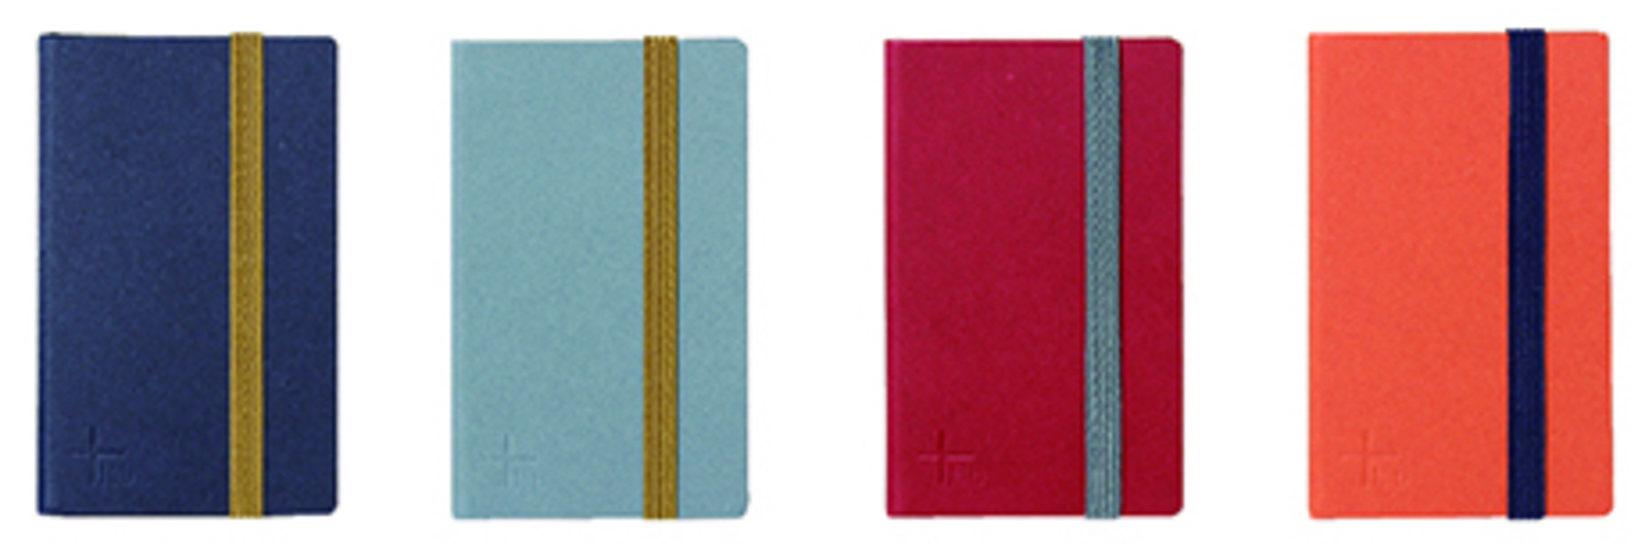 一片のサイズ:5×8.5cm、内容:48 片(無地)左からインディゴ、アッシュ、ルージュ、バーミリオン